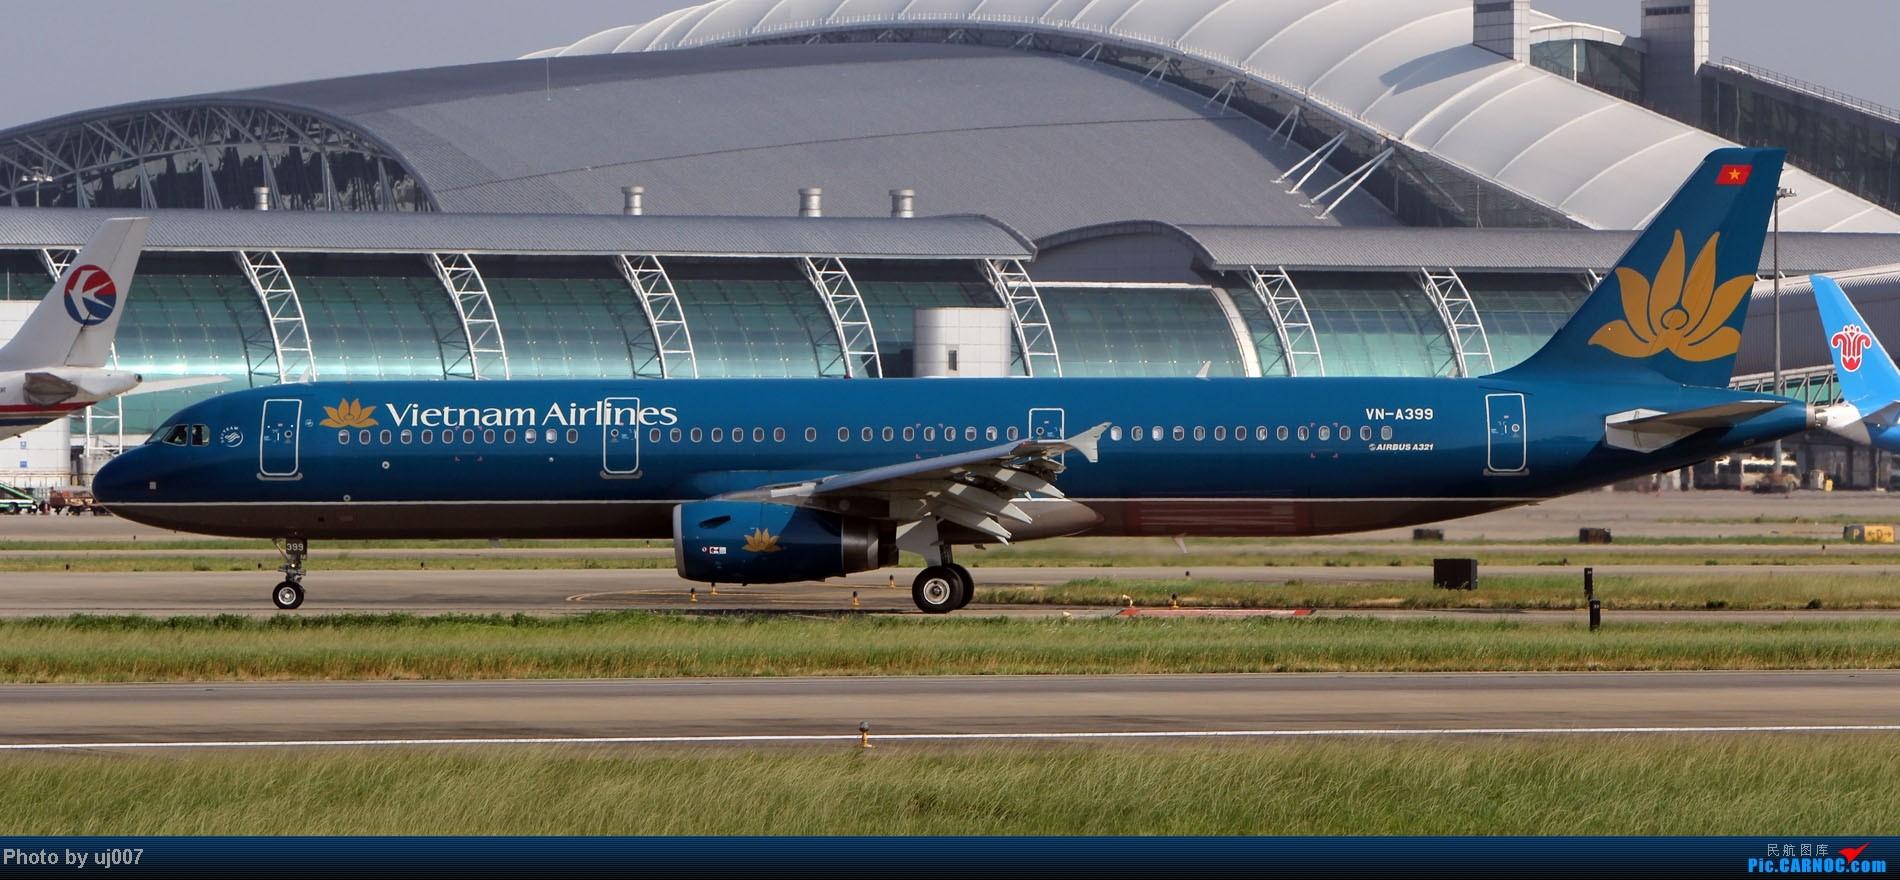 Re:[原创]10月2日白云拍机,超级多图系列(大飞机,特别妆,外航,闪灯,擦烟)求指点. AIRBUS A321-200 VN-A399 中国广州白云机场